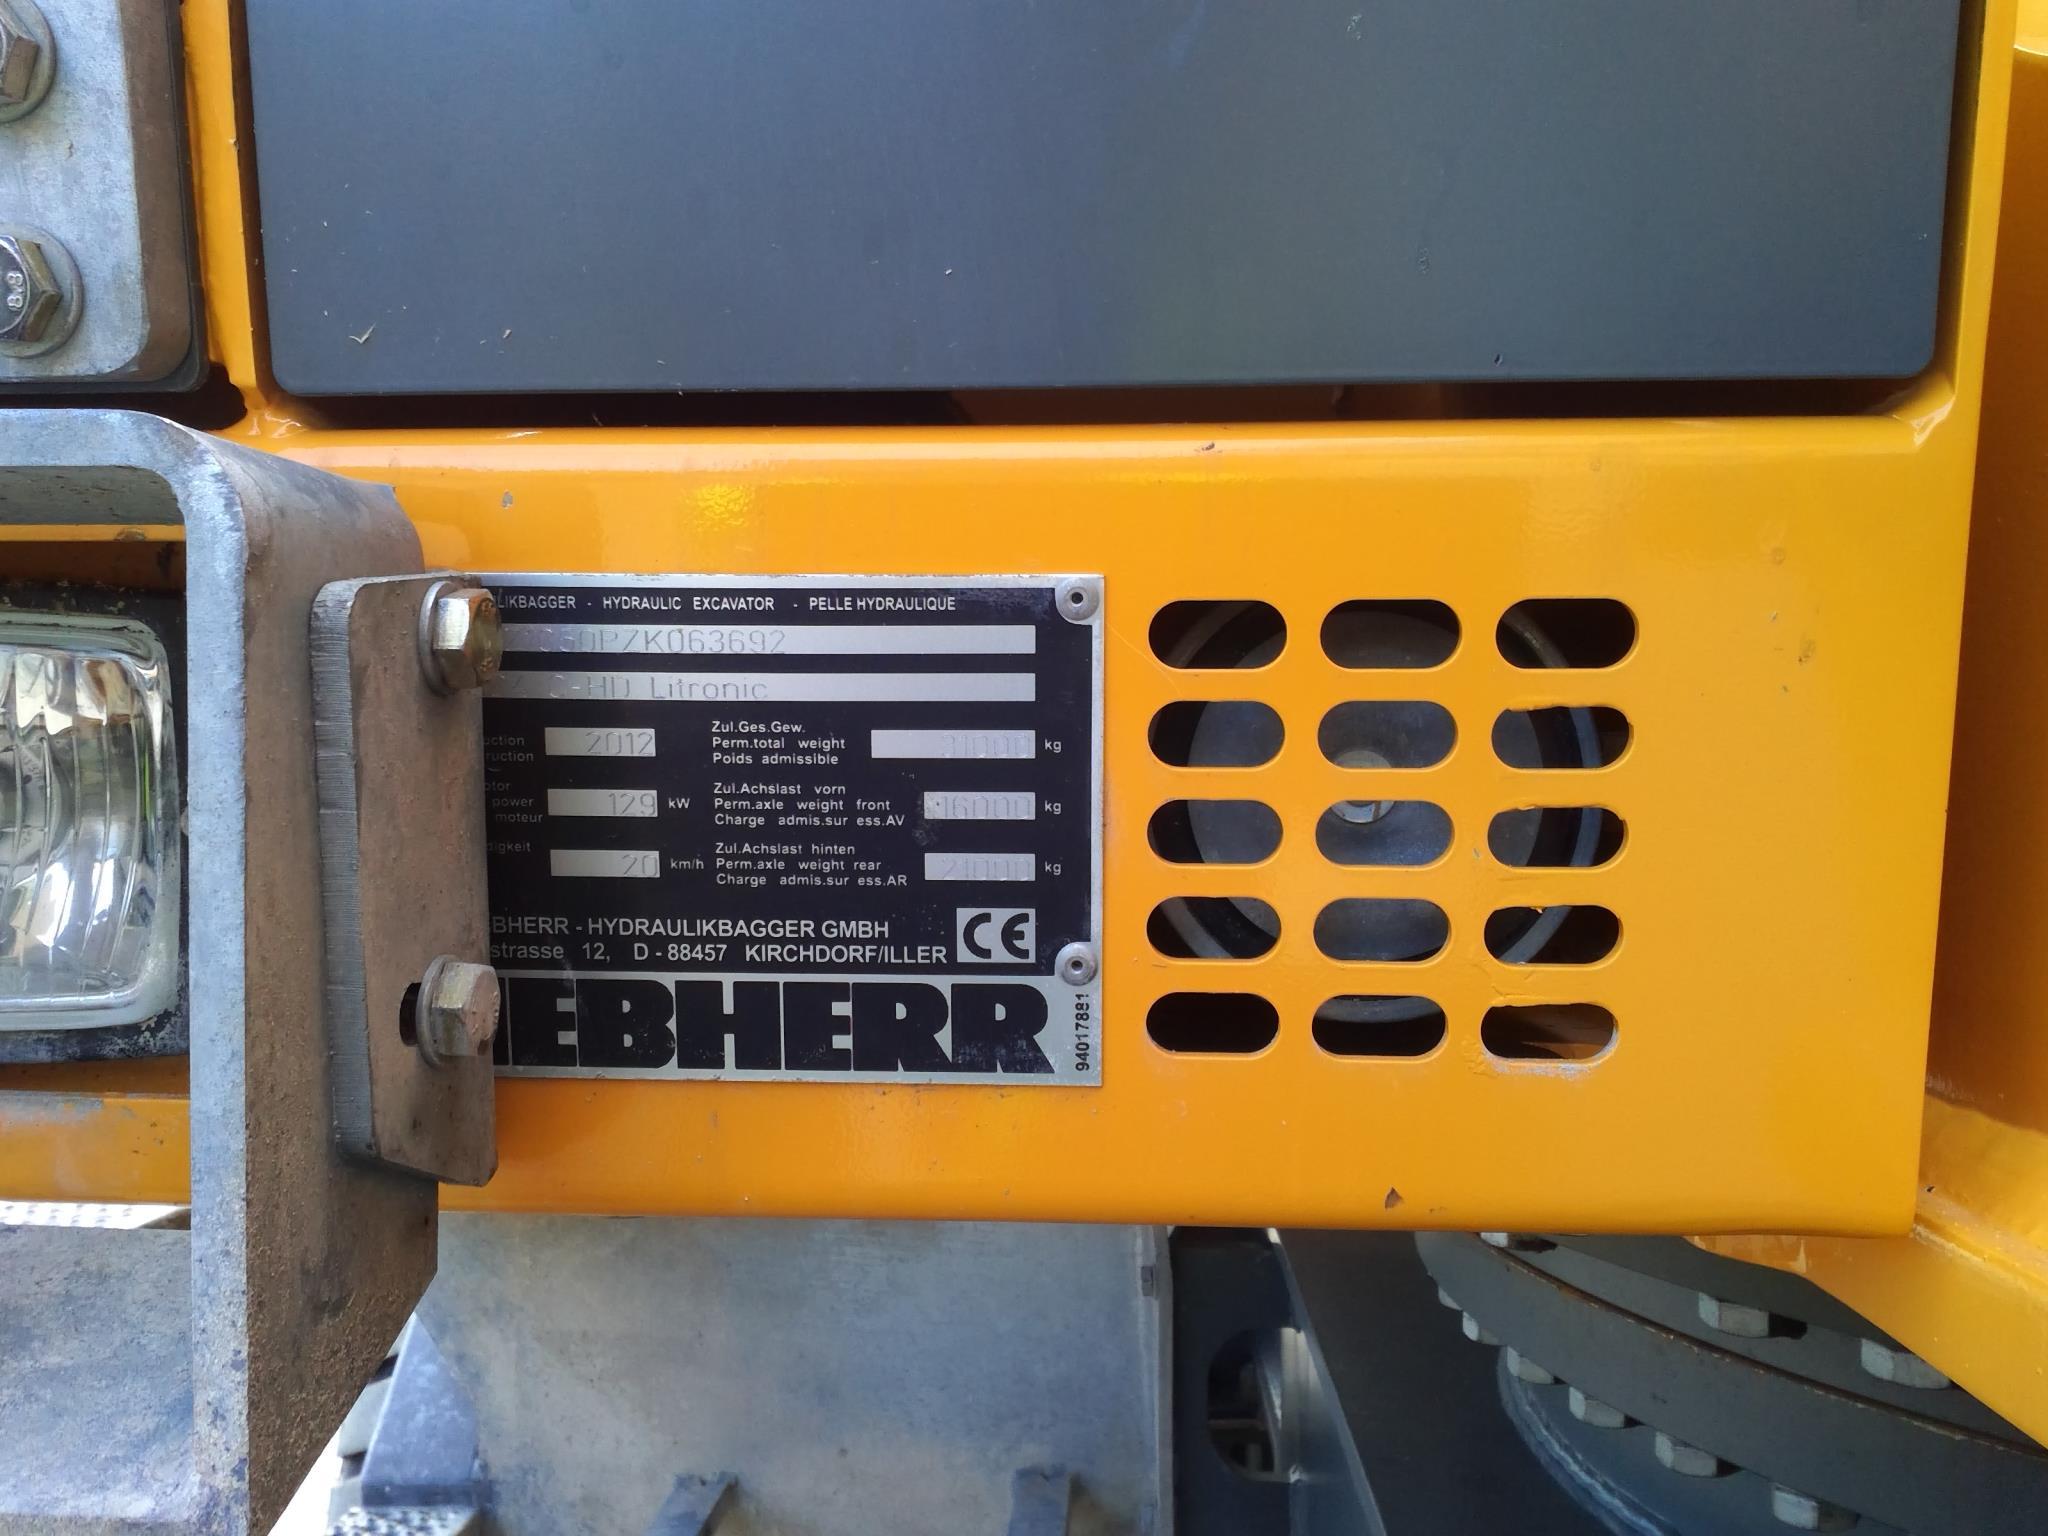 f148acf1-2a8a-4b97-a544-cfe477f5090c_machine_4.png